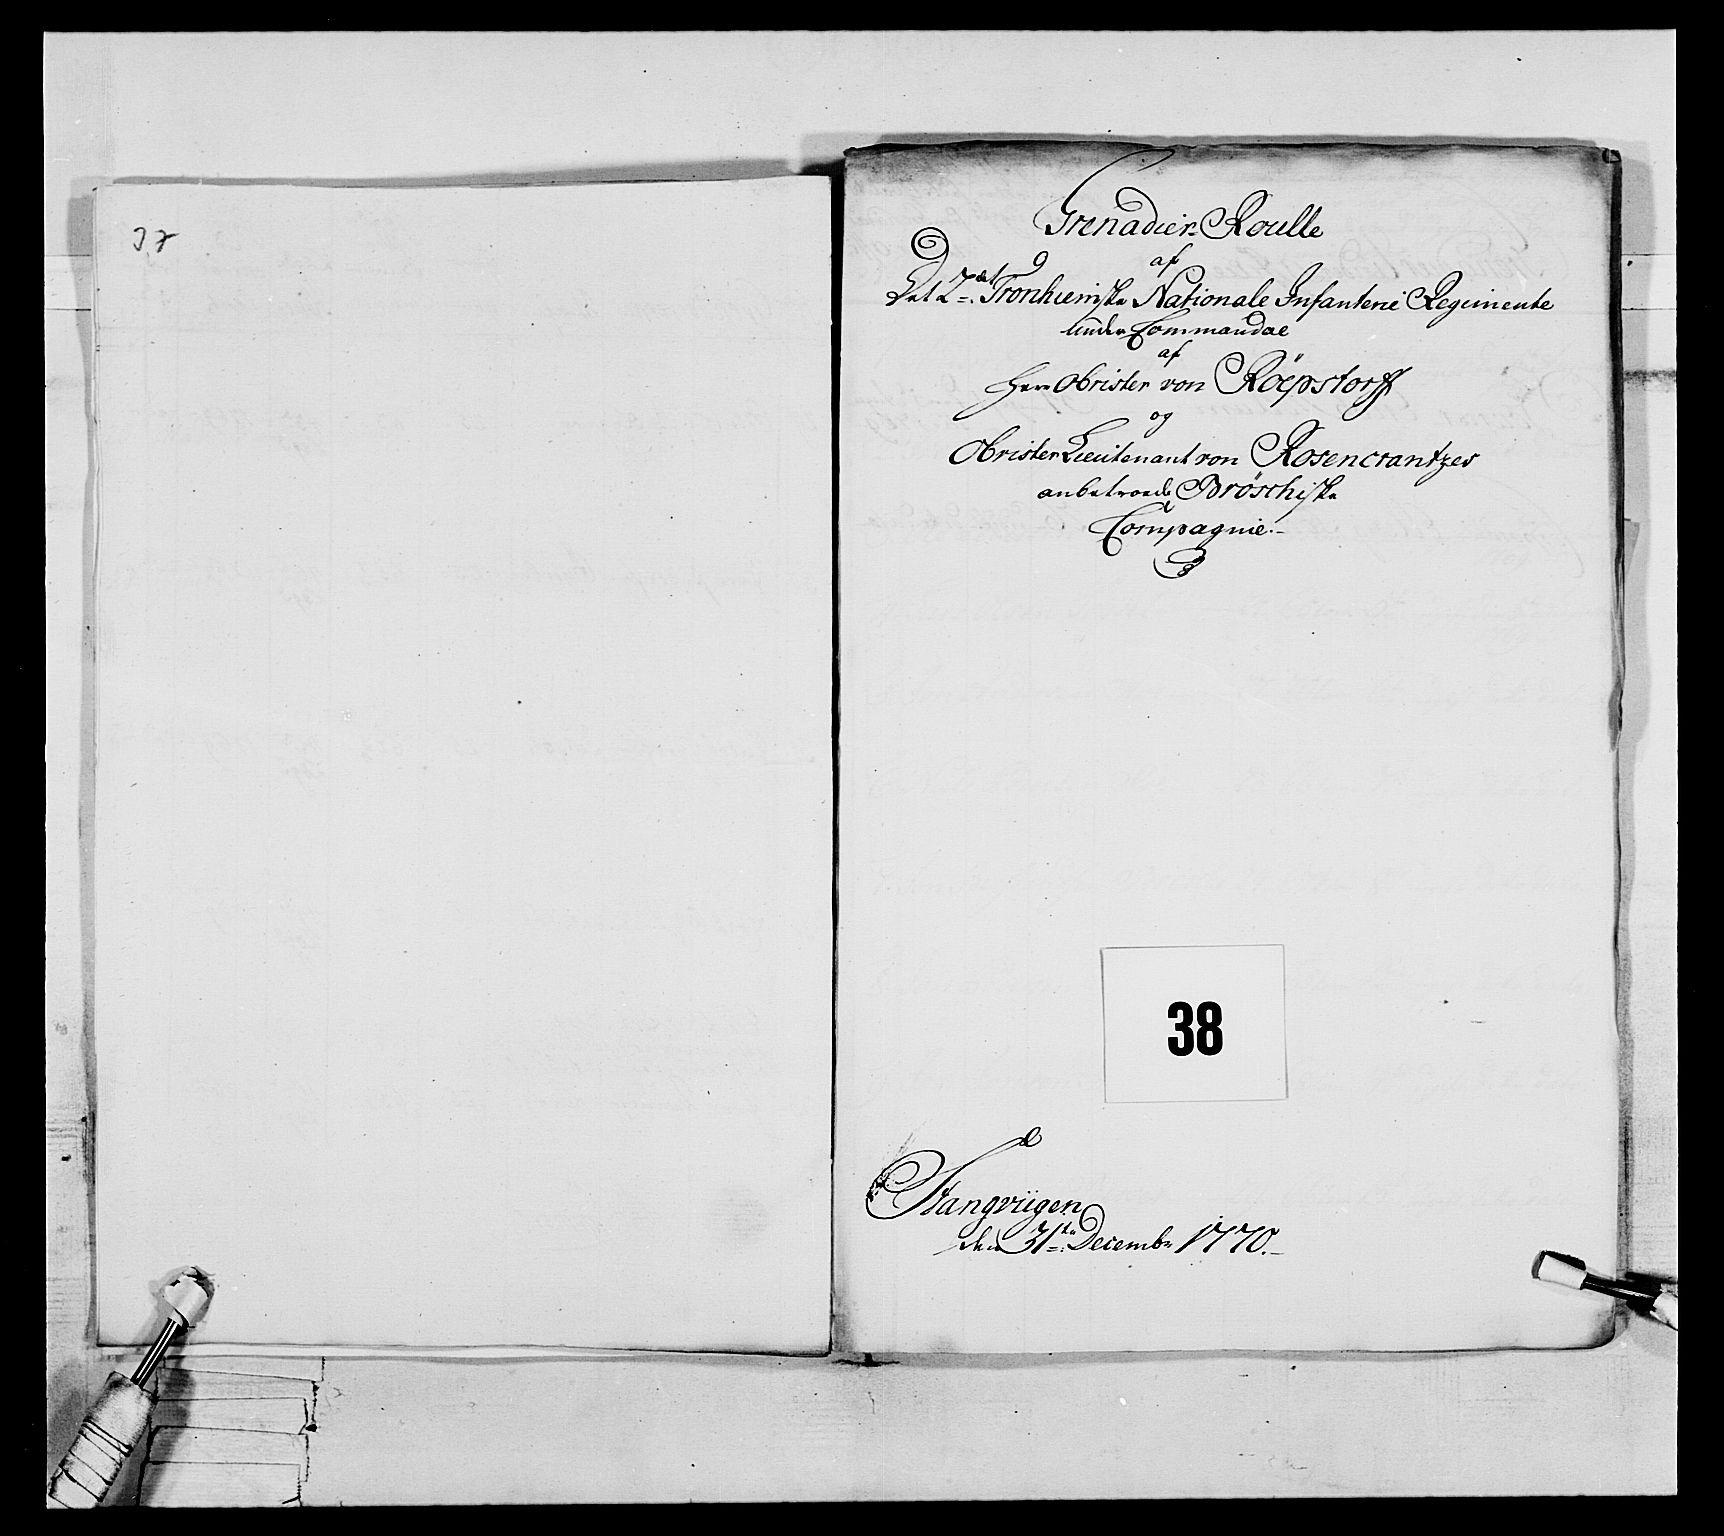 RA, Generalitets- og kommissariatskollegiet, Det kongelige norske kommissariatskollegium, E/Eh/L0076: 2. Trondheimske nasjonale infanteriregiment, 1766-1773, s. 116